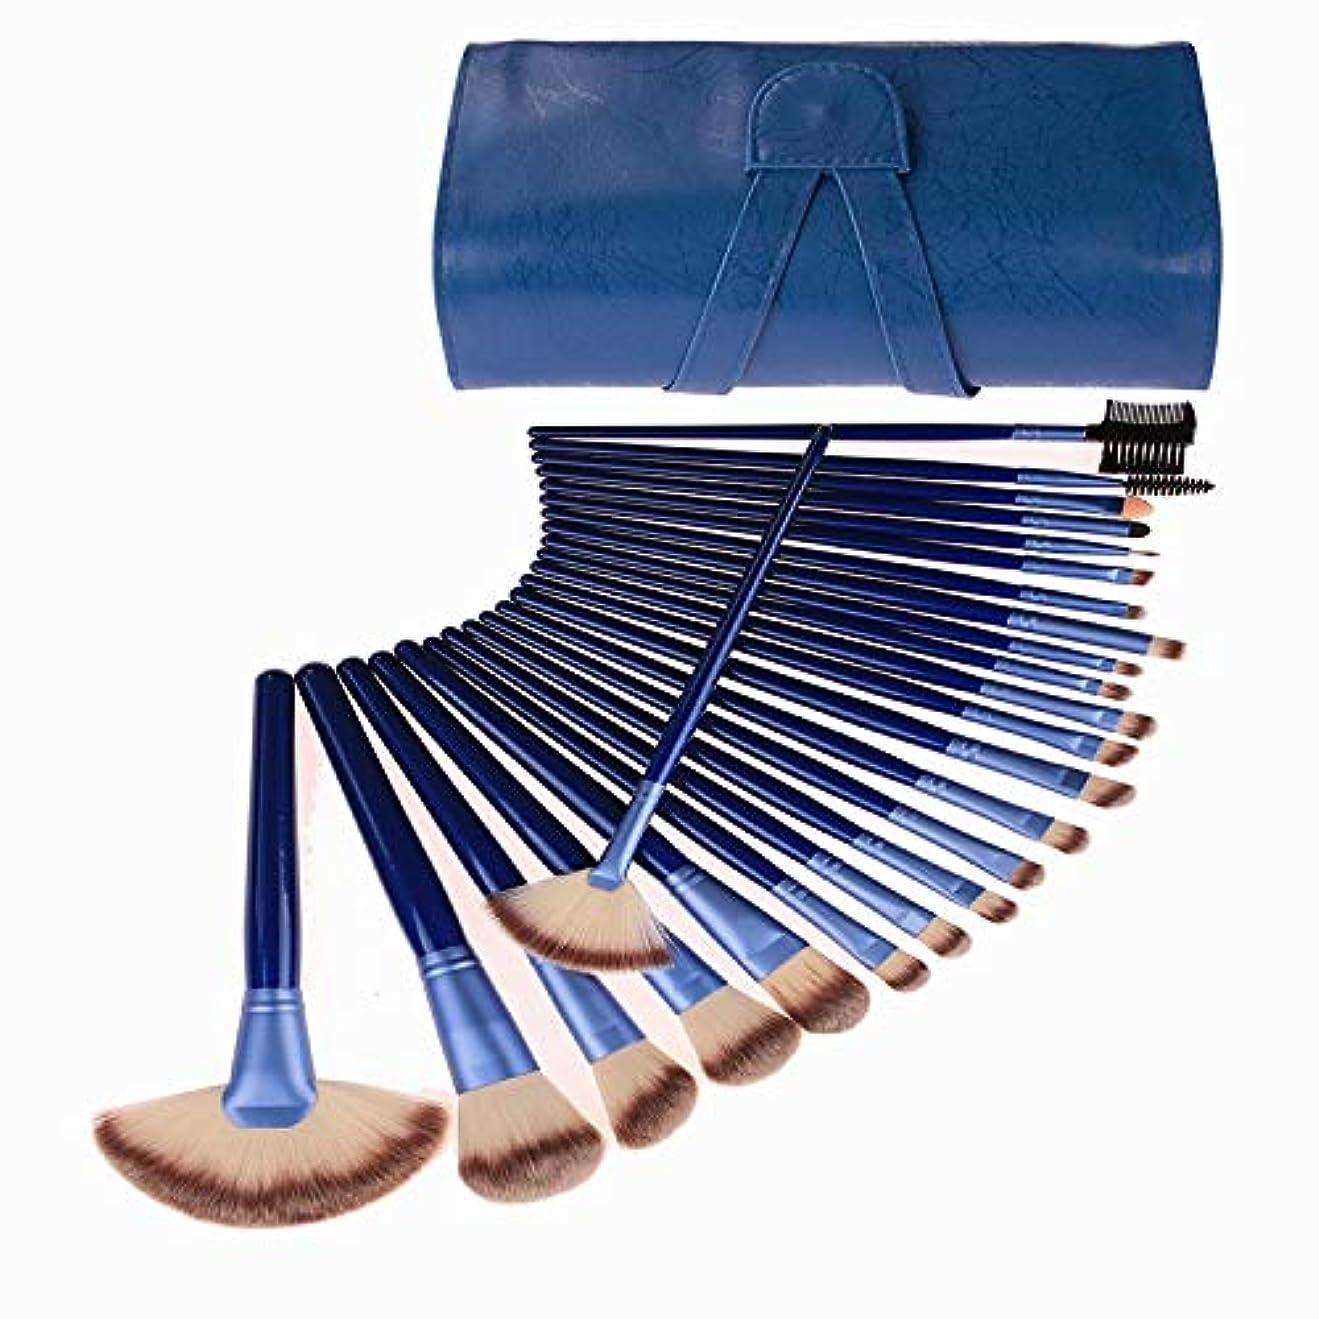 気づく絶滅させる計画的化粧ブラシスタートメーカー24個天然竹化粧ブラシセットビーガンプロ化粧品歌舞伎ブラシ化粧ブラシセット非常に柔らかい化粧ブラシセット美容スポンジ (Color : Blue)